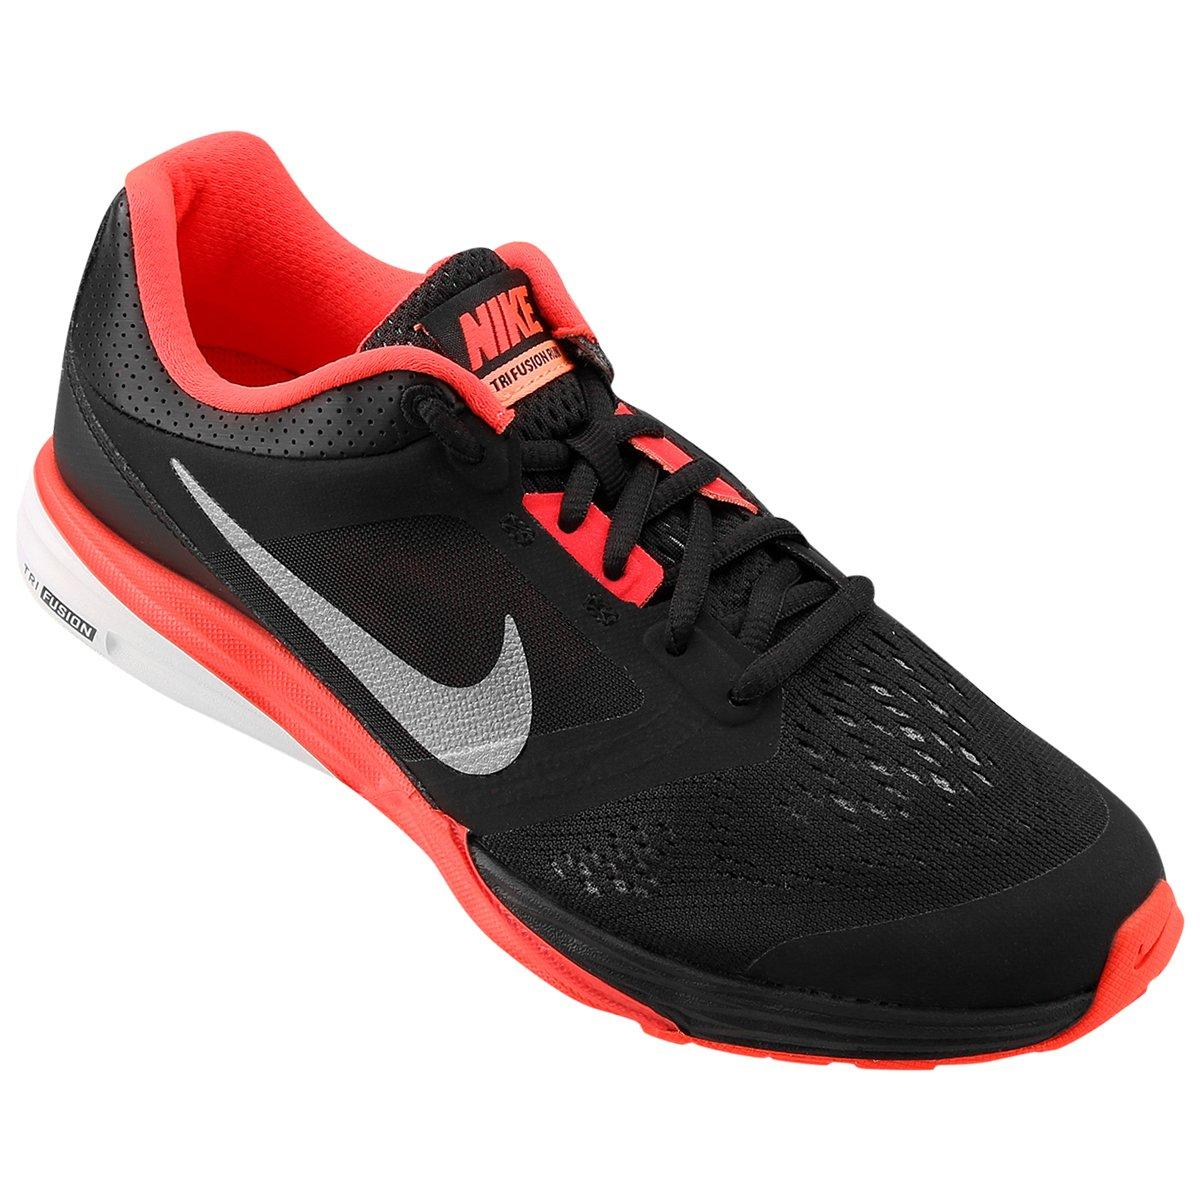 6ce957d65b0 Tênis Nike Tri Fusion Run MSL Feminino - Preto e Vermelho - Compre Agora